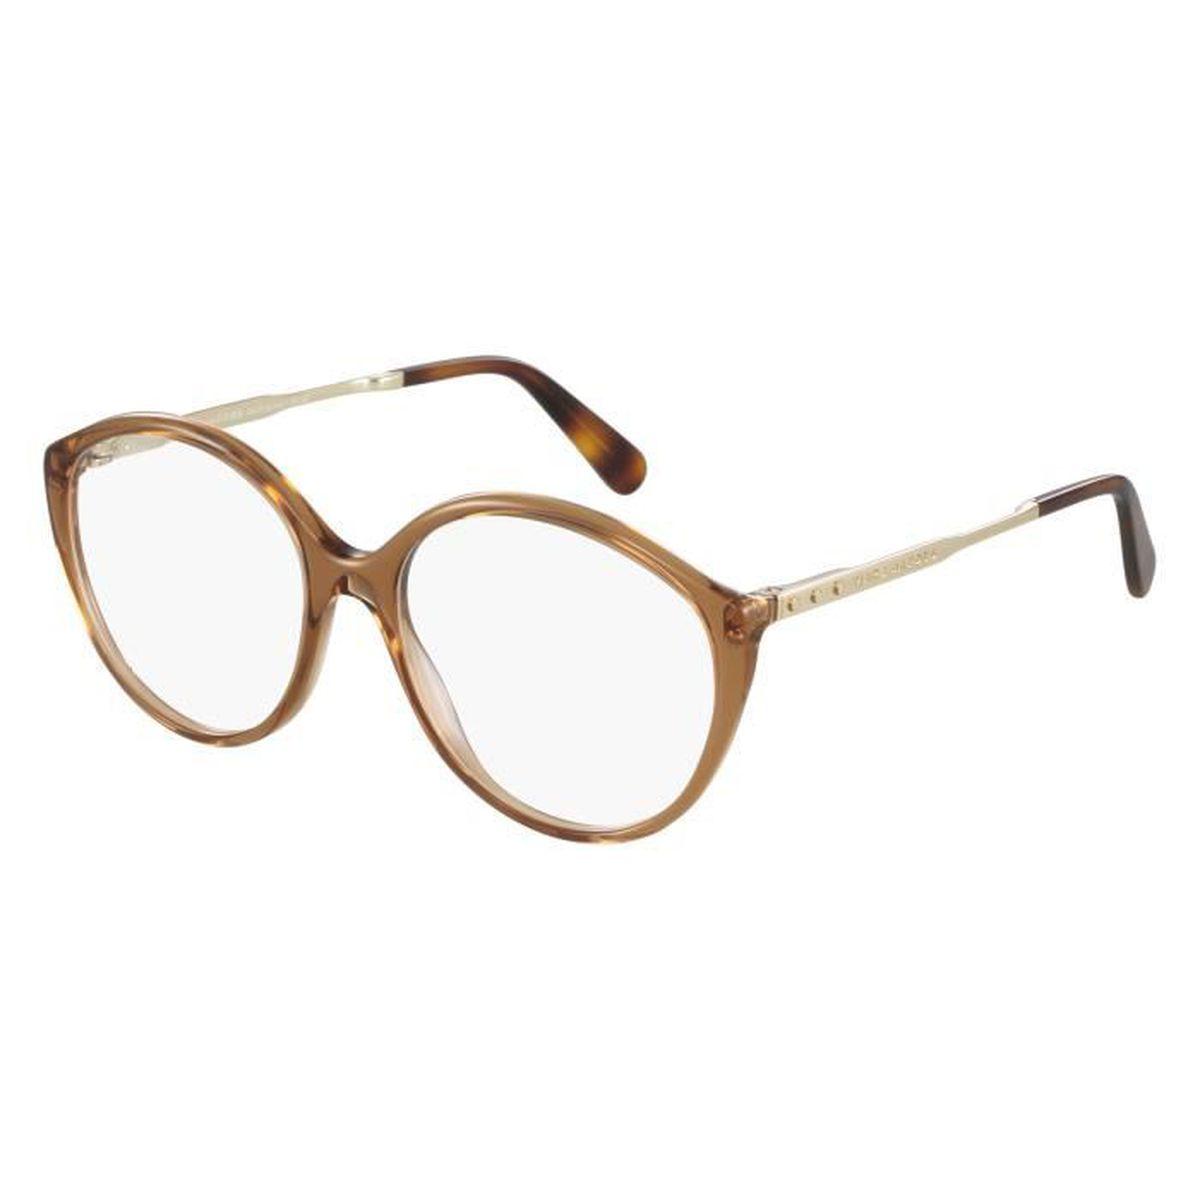 Lunettes de vue Marc Jacobs MJ 599 -GQQ Marron transparent - Or - Achat    Vente lunettes de vue Lunettes de vue Marc Jacobs Femme Adulte Marron -  Cdiscoun c17992c38ae3